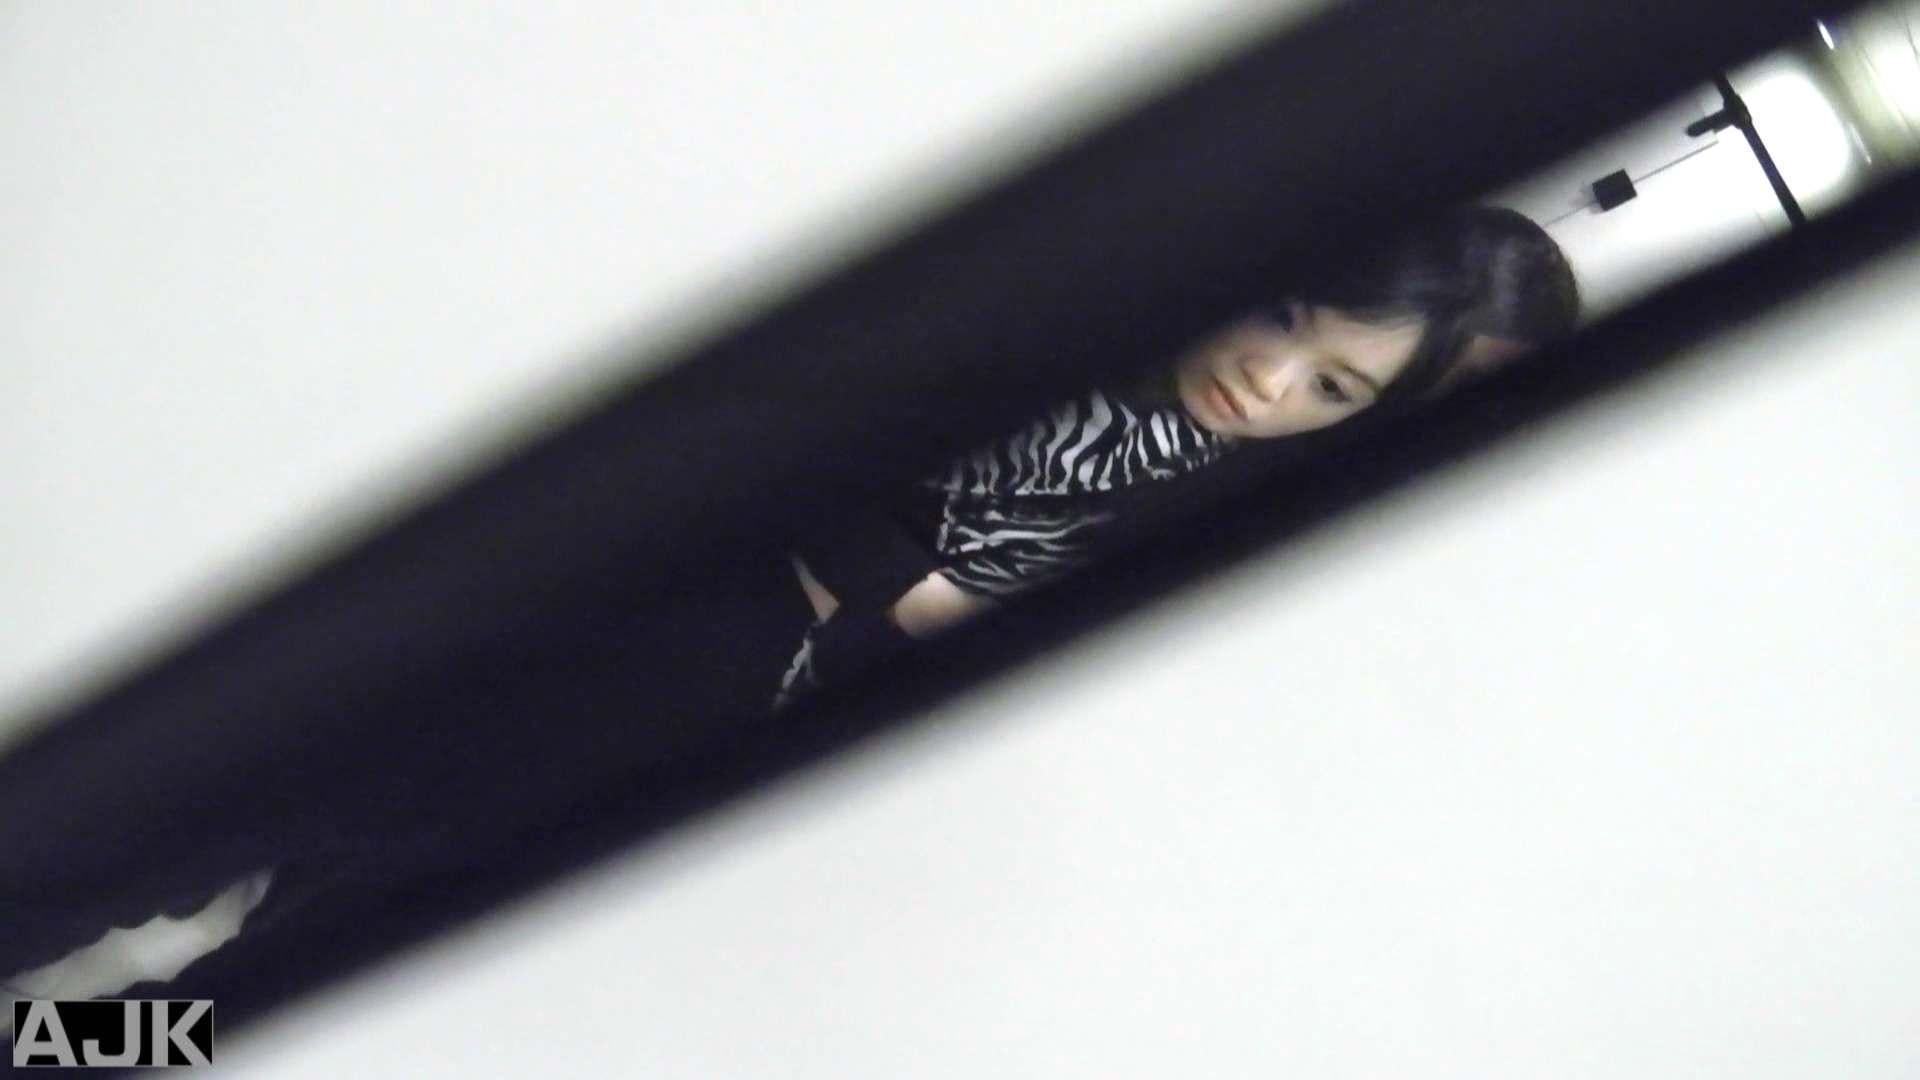 神降臨!史上最強の潜入かわや! vol.15 美女まとめ  89PIX 66